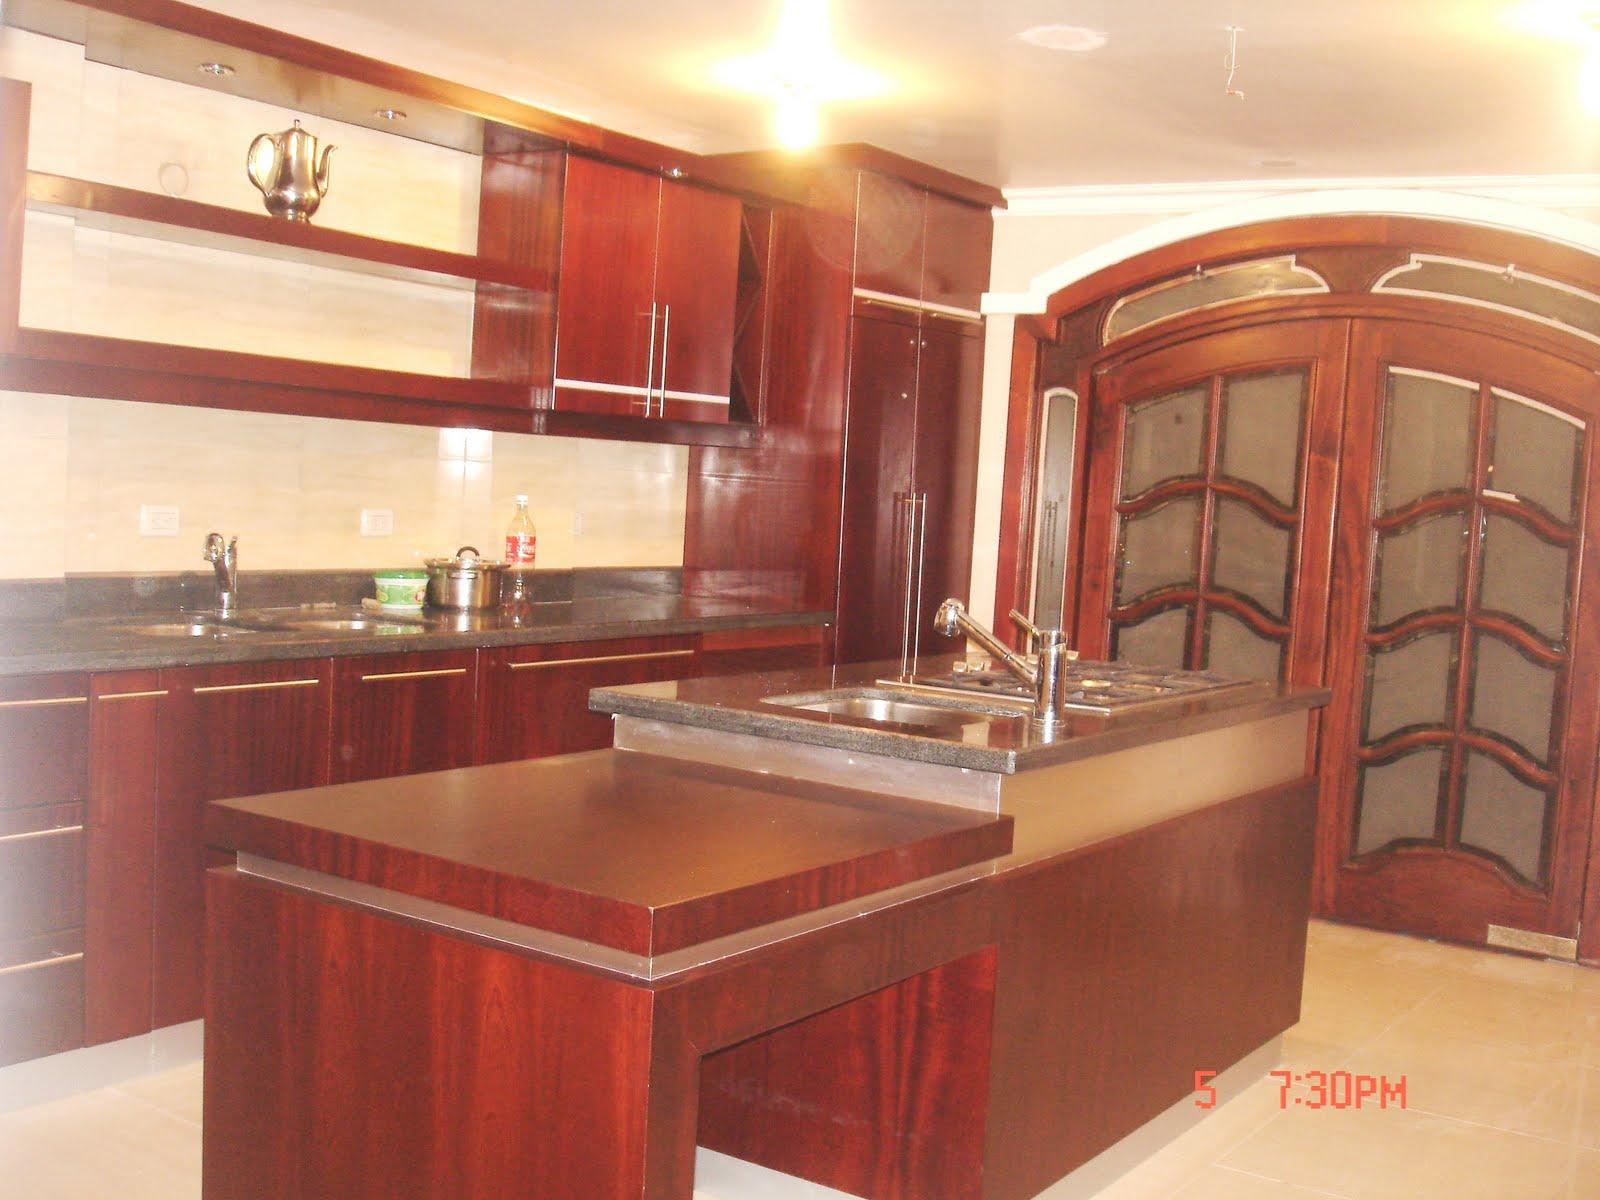 Ideatumobiliario muebles de cocina for Modelos de muebles de madera